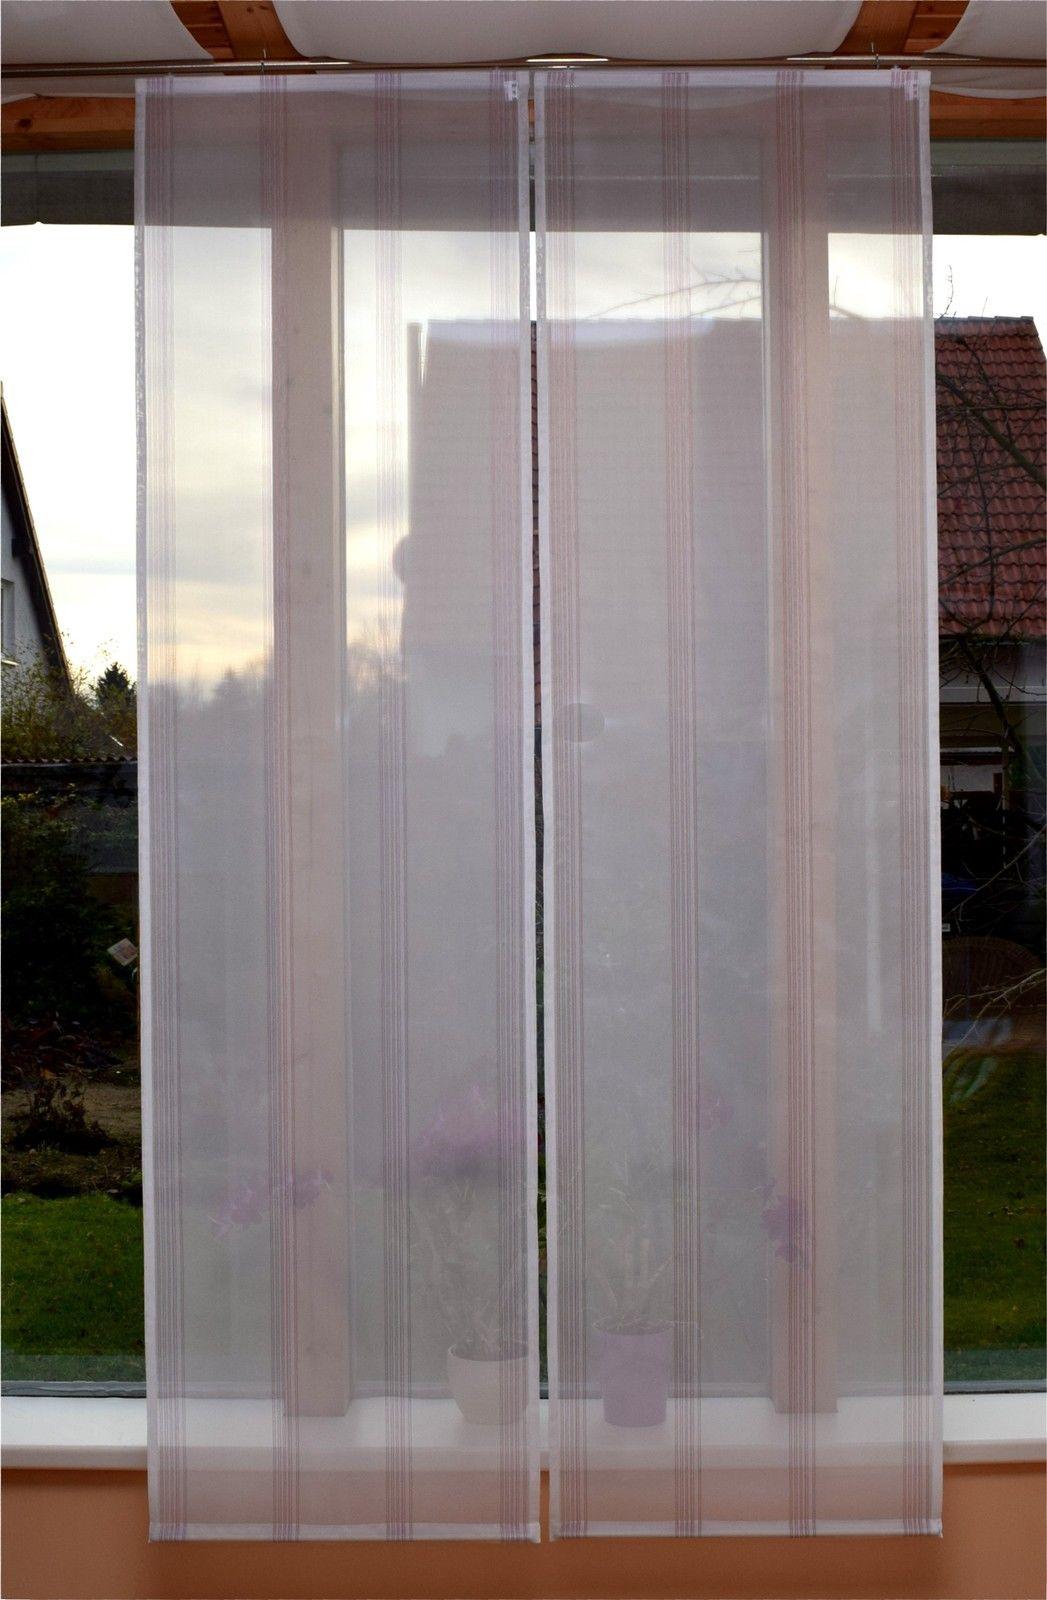 Full Size of Gardinen Doppelfenster Mehr Als 10000 Angebote Für Wohnzimmer Küche Die Schlafzimmer Fenster Scheibengardinen Wohnzimmer Gardinen Doppelfenster